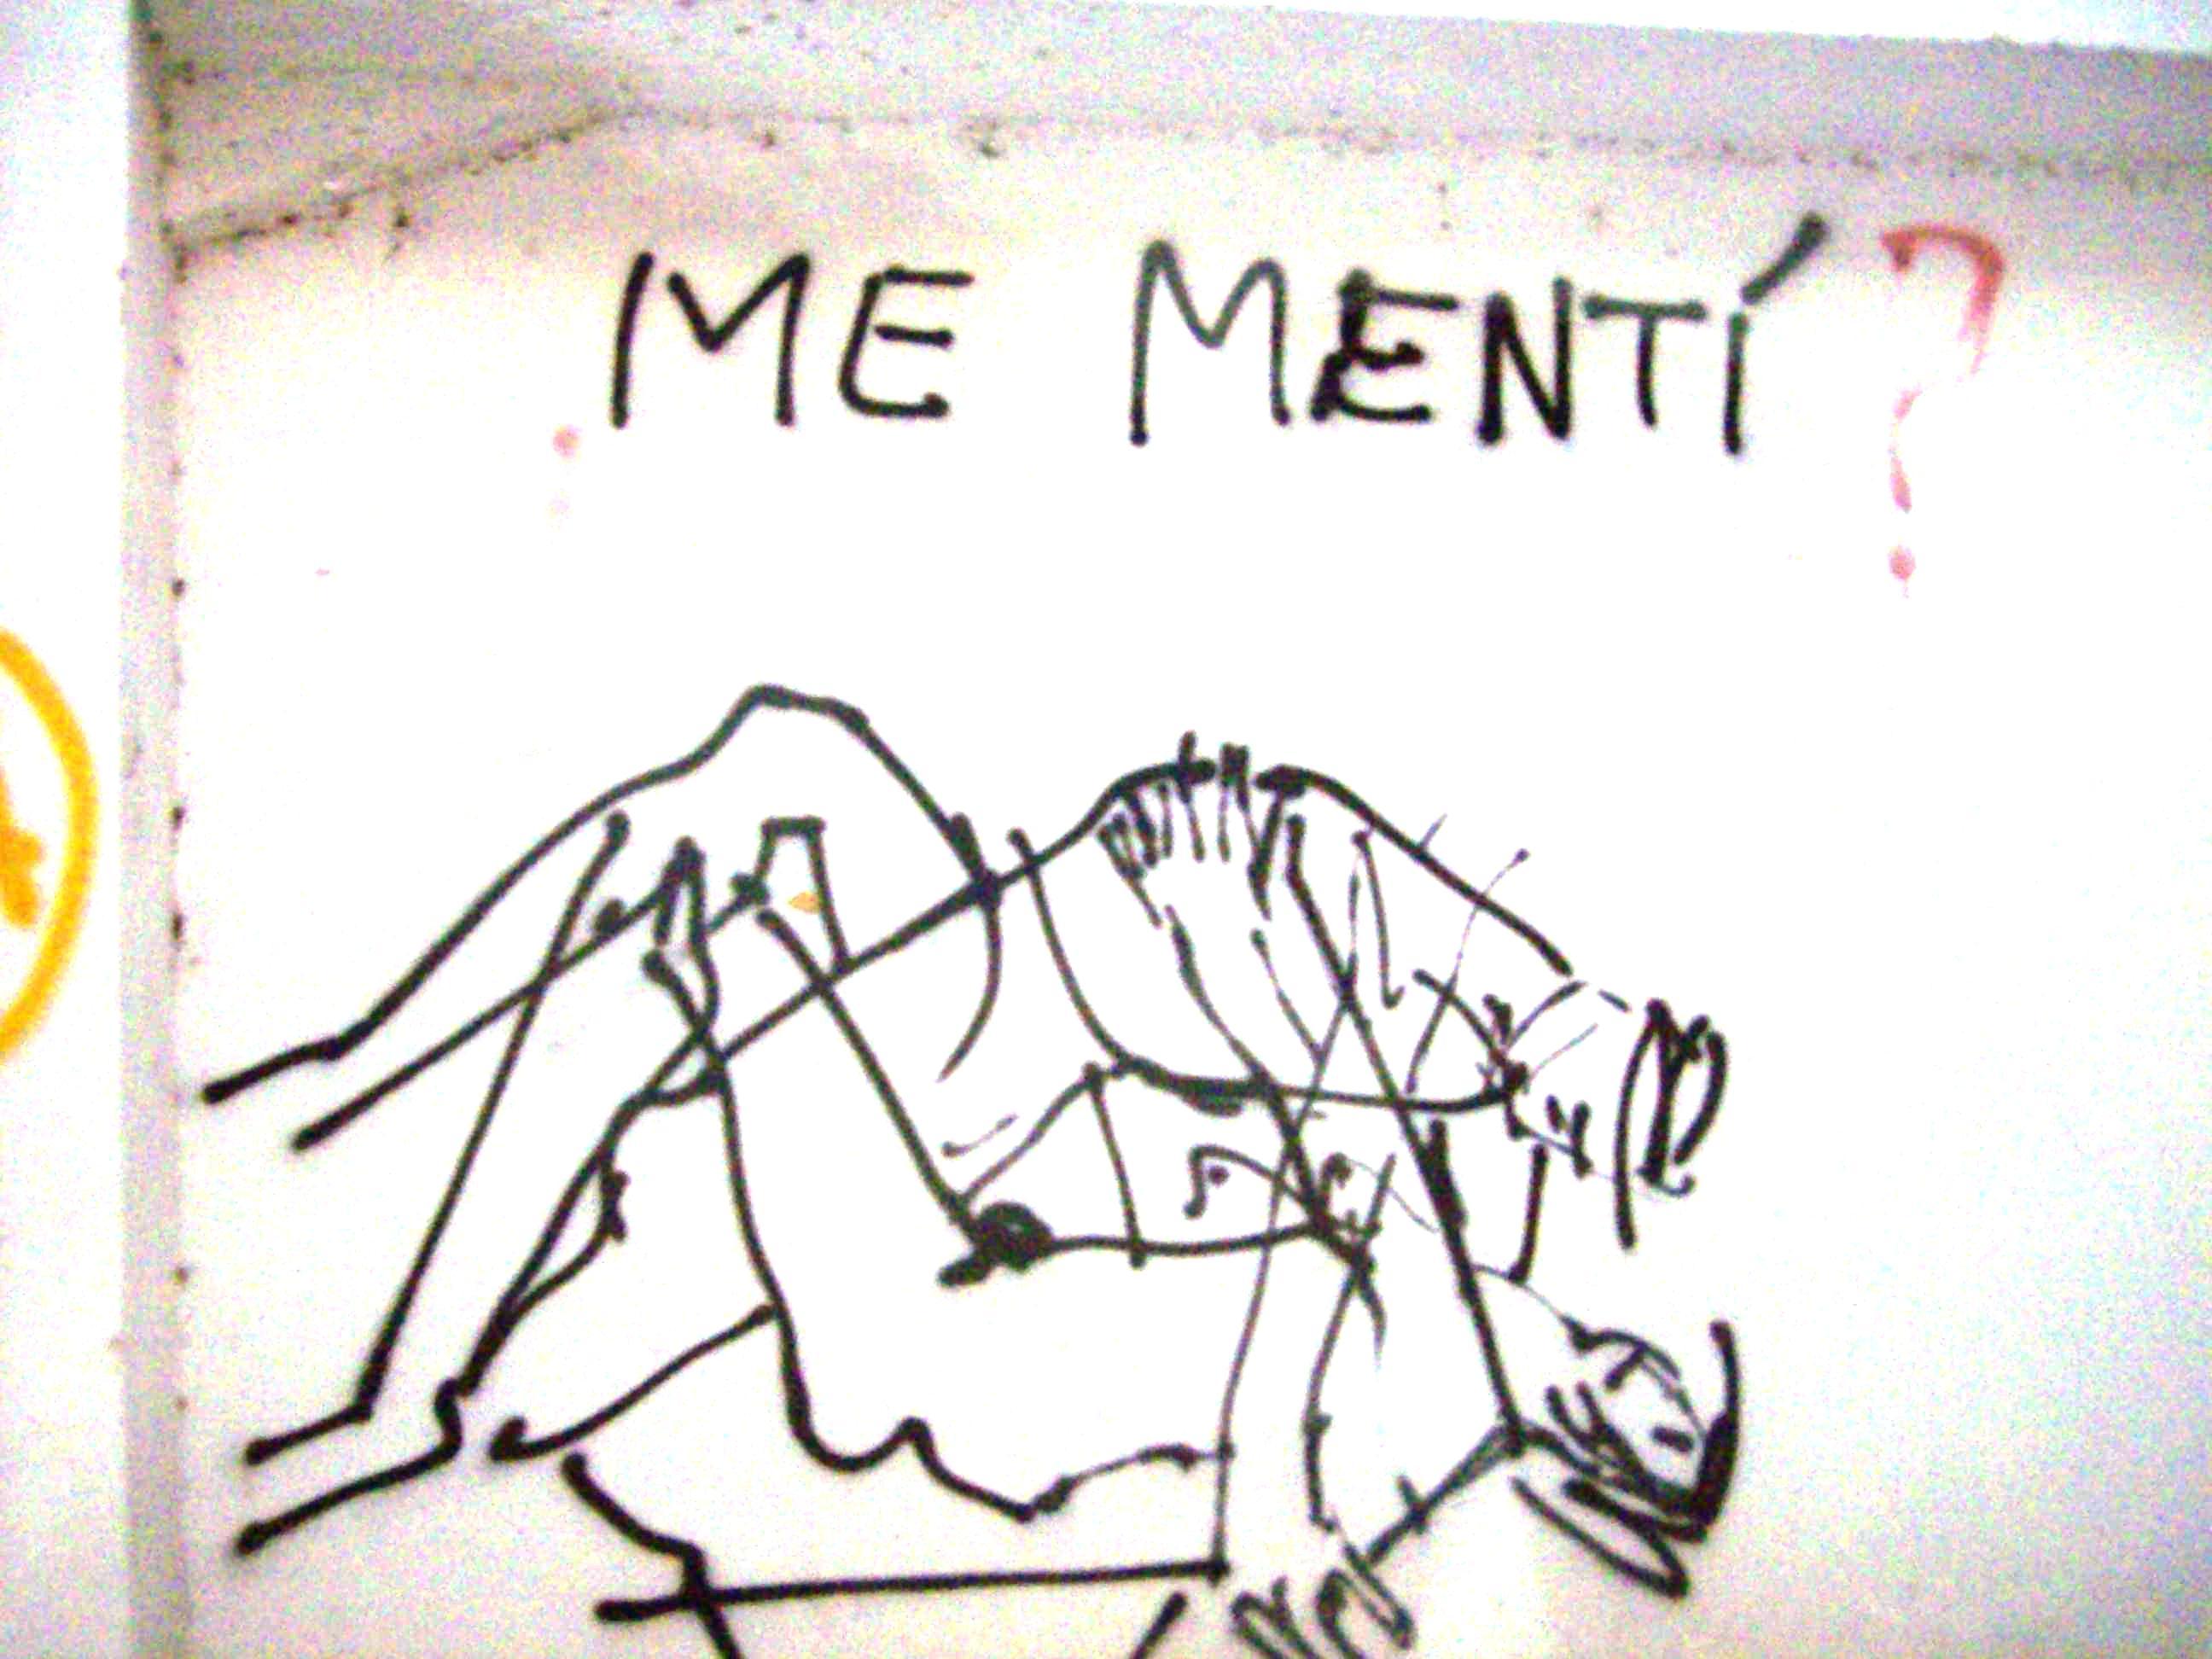 dibujo en una pared de la facultad de filosofia y letras hace unos